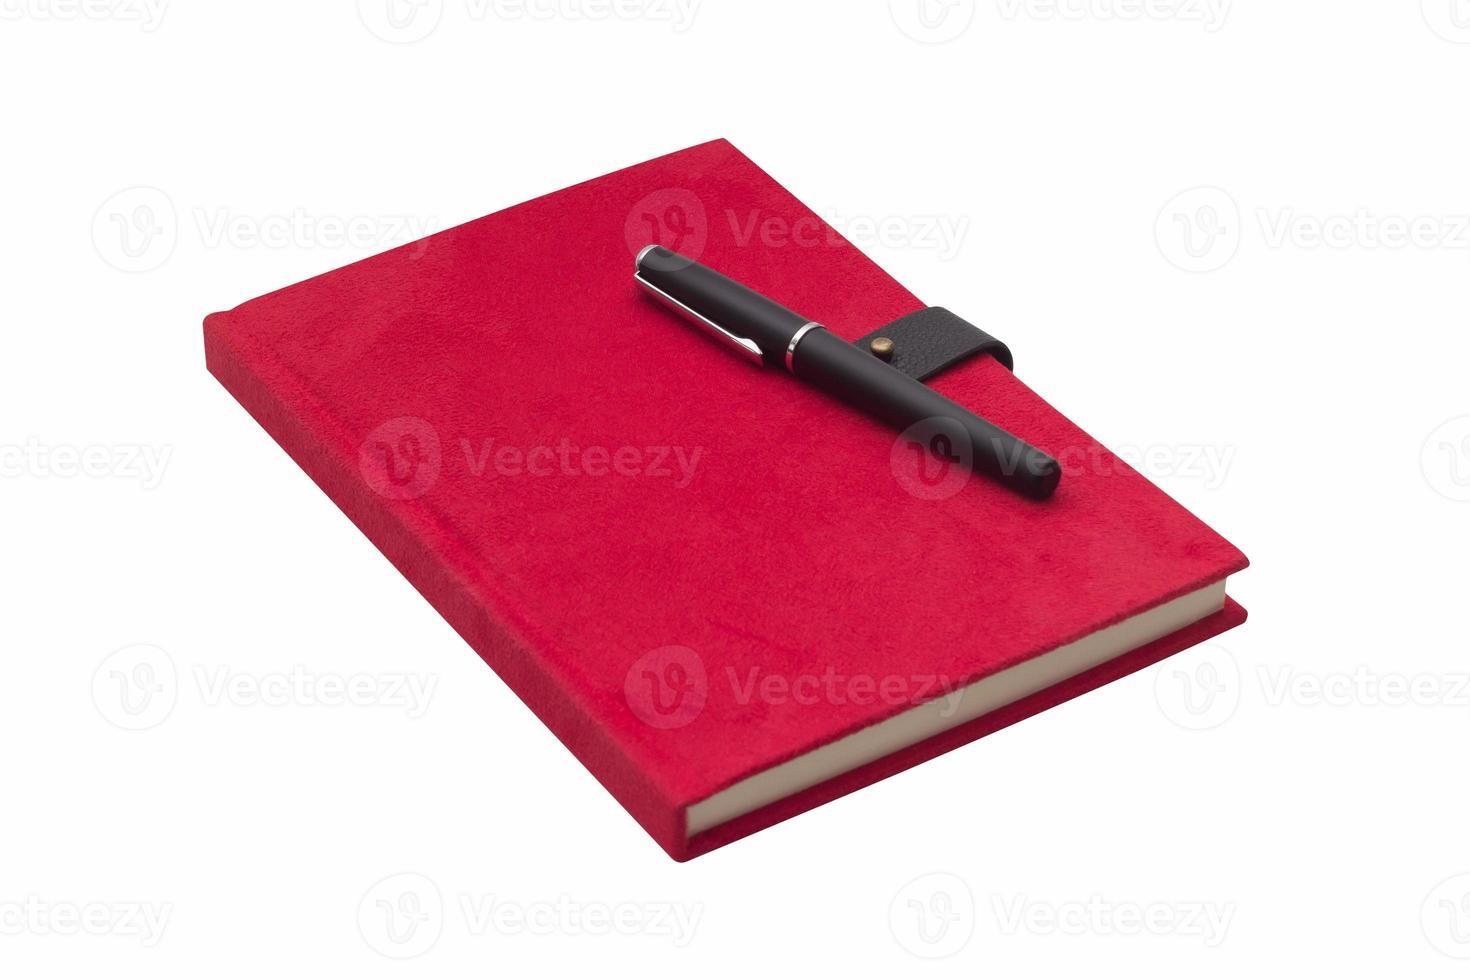 lege rode hardcover notebook met pen geïsoleerd foto